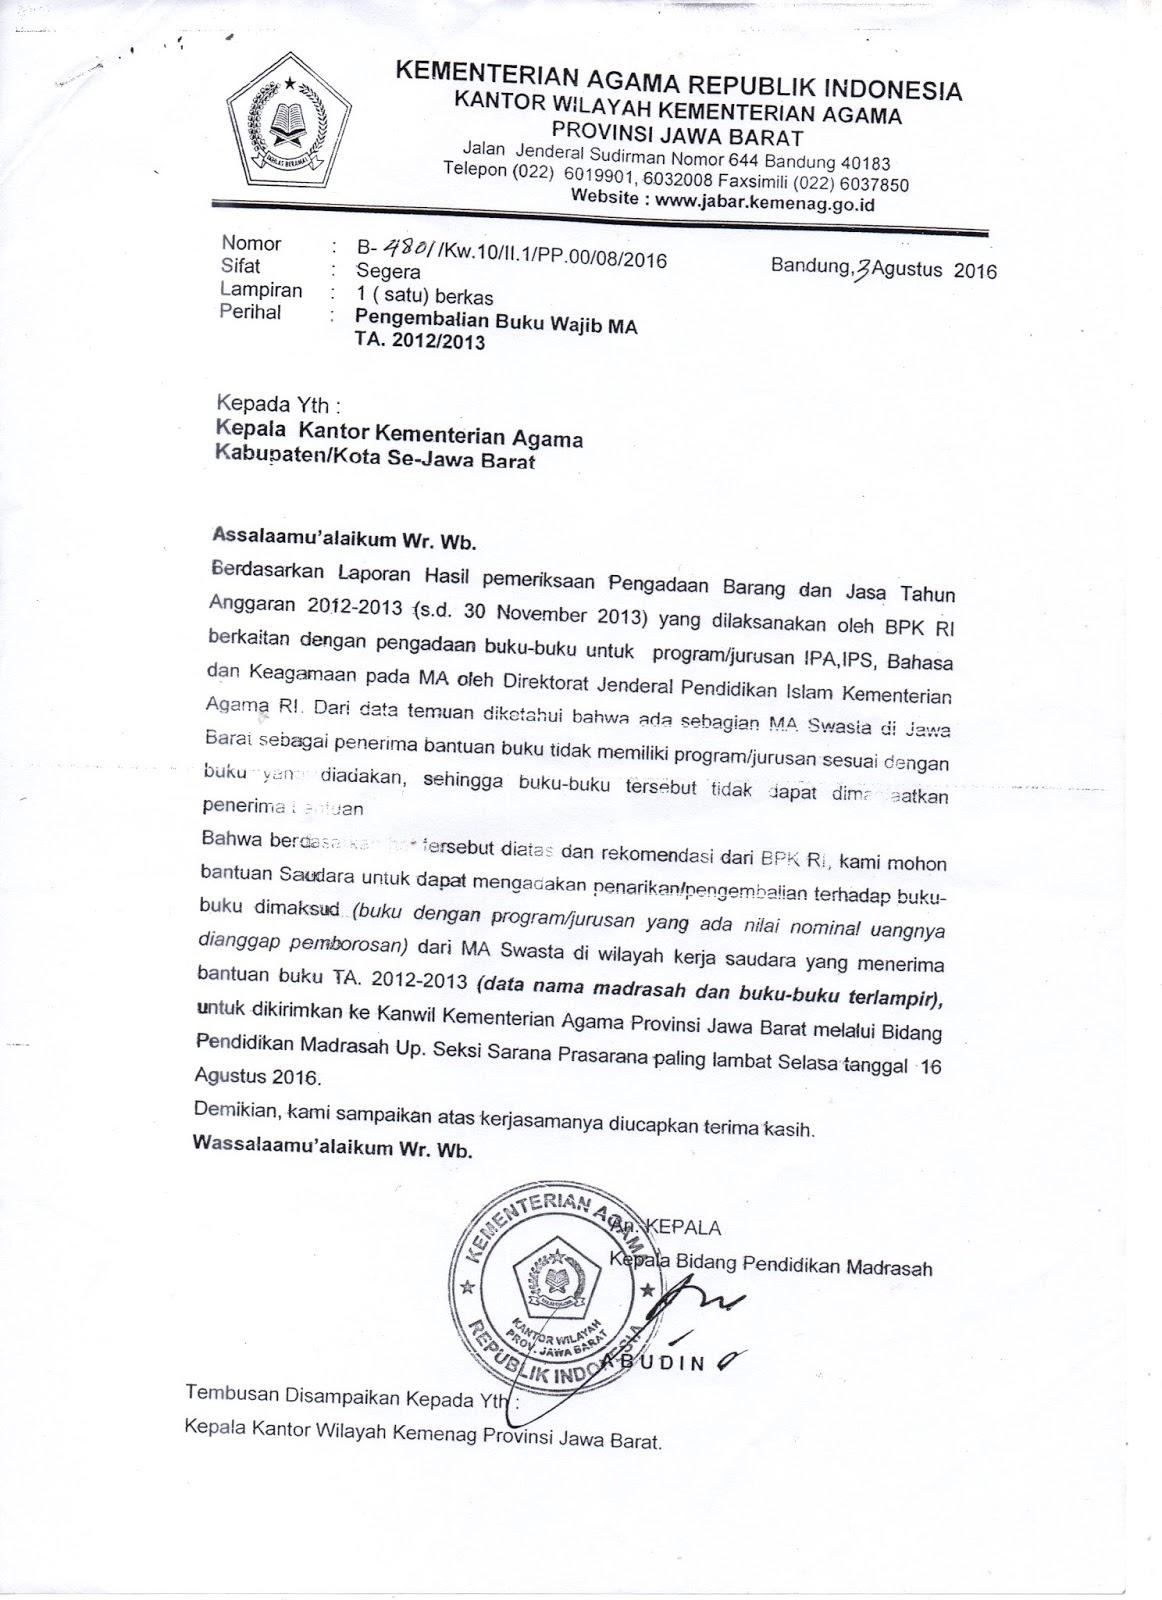 Hasil Temuan Bpk Badan Pemeriksa Keuangan Di Madrasah